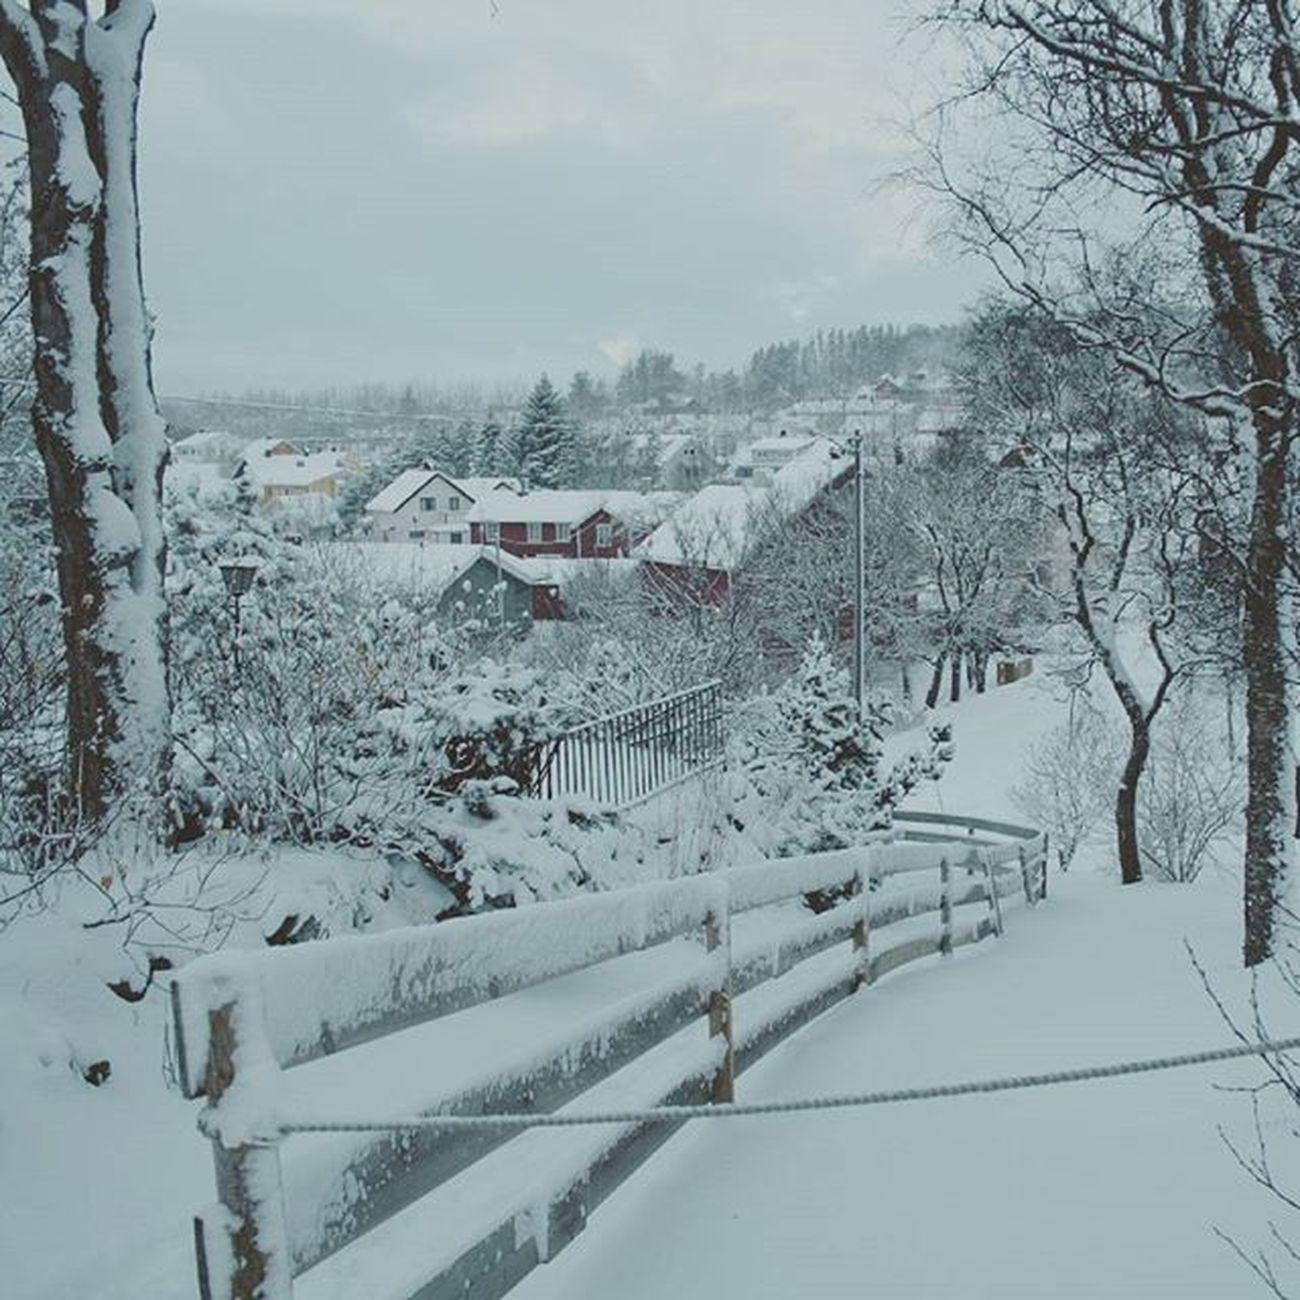 Misma foto durante el día Bodø Norge Noruega Norway Invierno DePostal Pareceundecorado Snøibodø Vintererher Chocolatecalentito Yasiquenosemeocurrenmasetiquetas